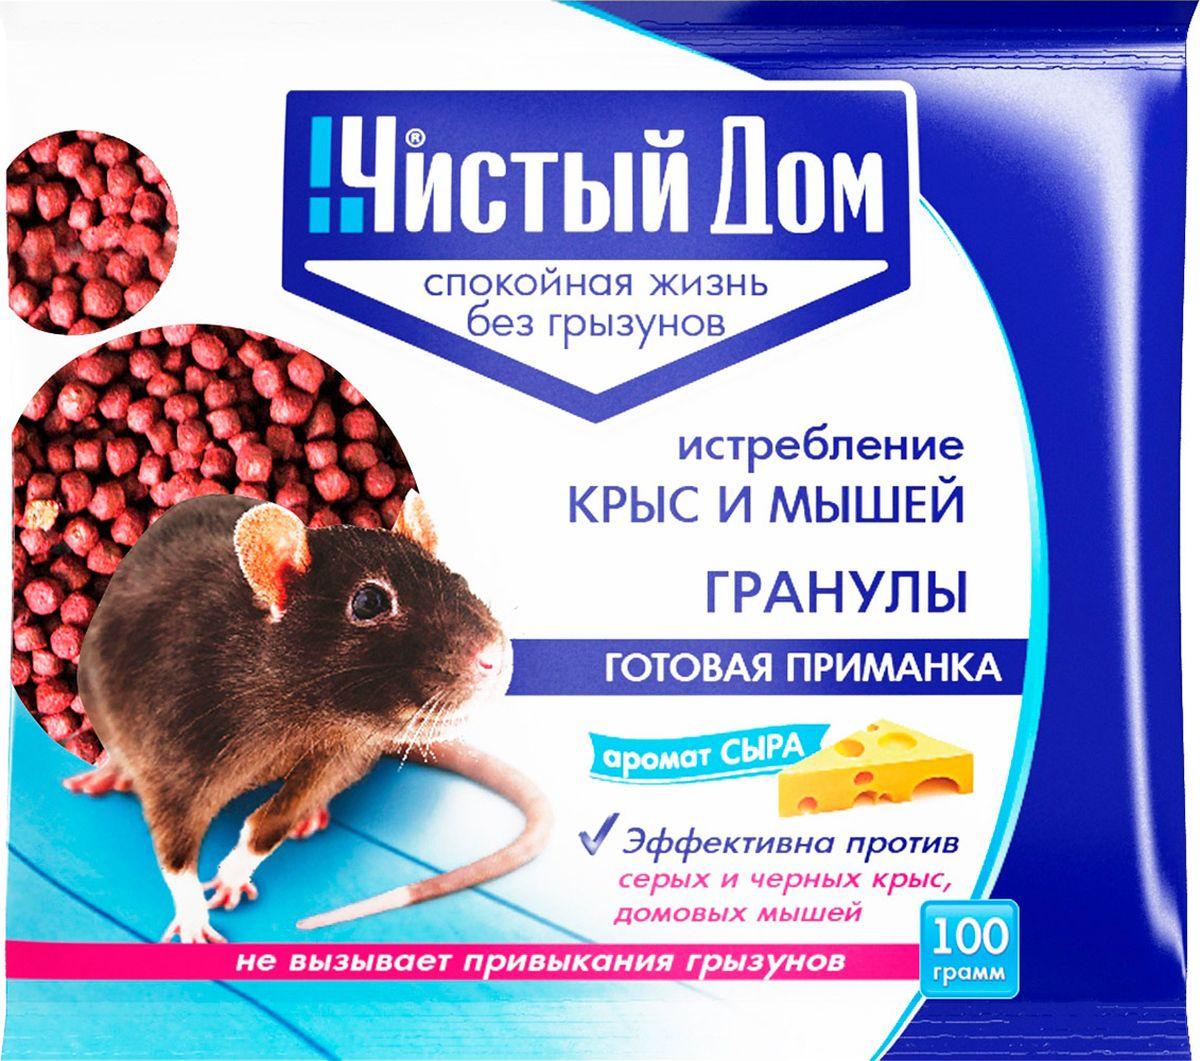 Гранулированная приманка, в состав которой входят натуральные продукты, действующее вещество и специальные добавки. Запах сыра создает высокую привлекательность для грызунов. Способ применения: Поместить приманку в лотки или на подложки (кусочки полиэтилена, плотной бумаги): по 10-20 г (1-2 столовые ложки) для мышей, по 30-50 г (3-5 столовых ложек) для крыс. Размещение в специальных емкостях повышает поедаемость средства, препятствуя его растаскиванию грызунами. Размещают емкости в предварительно выявленных местах обитания грызунов: поблизости от их нор, на путях перемещении, вдоль стен и перегородок. Расстояние между точками раскладки 2-10 м в зависимости от захламленности помещений и численности грызунов. Места раскладки осматривают через 1-2 дня, а затем с интервалом в одну неделю, восполняя приманку по мере ее поедания. Загрязненную или испорченную приманку следует заменять на новую. Нетронутую приманку можно переносить в другое место. Работу проводят до исчезновения грызунов.